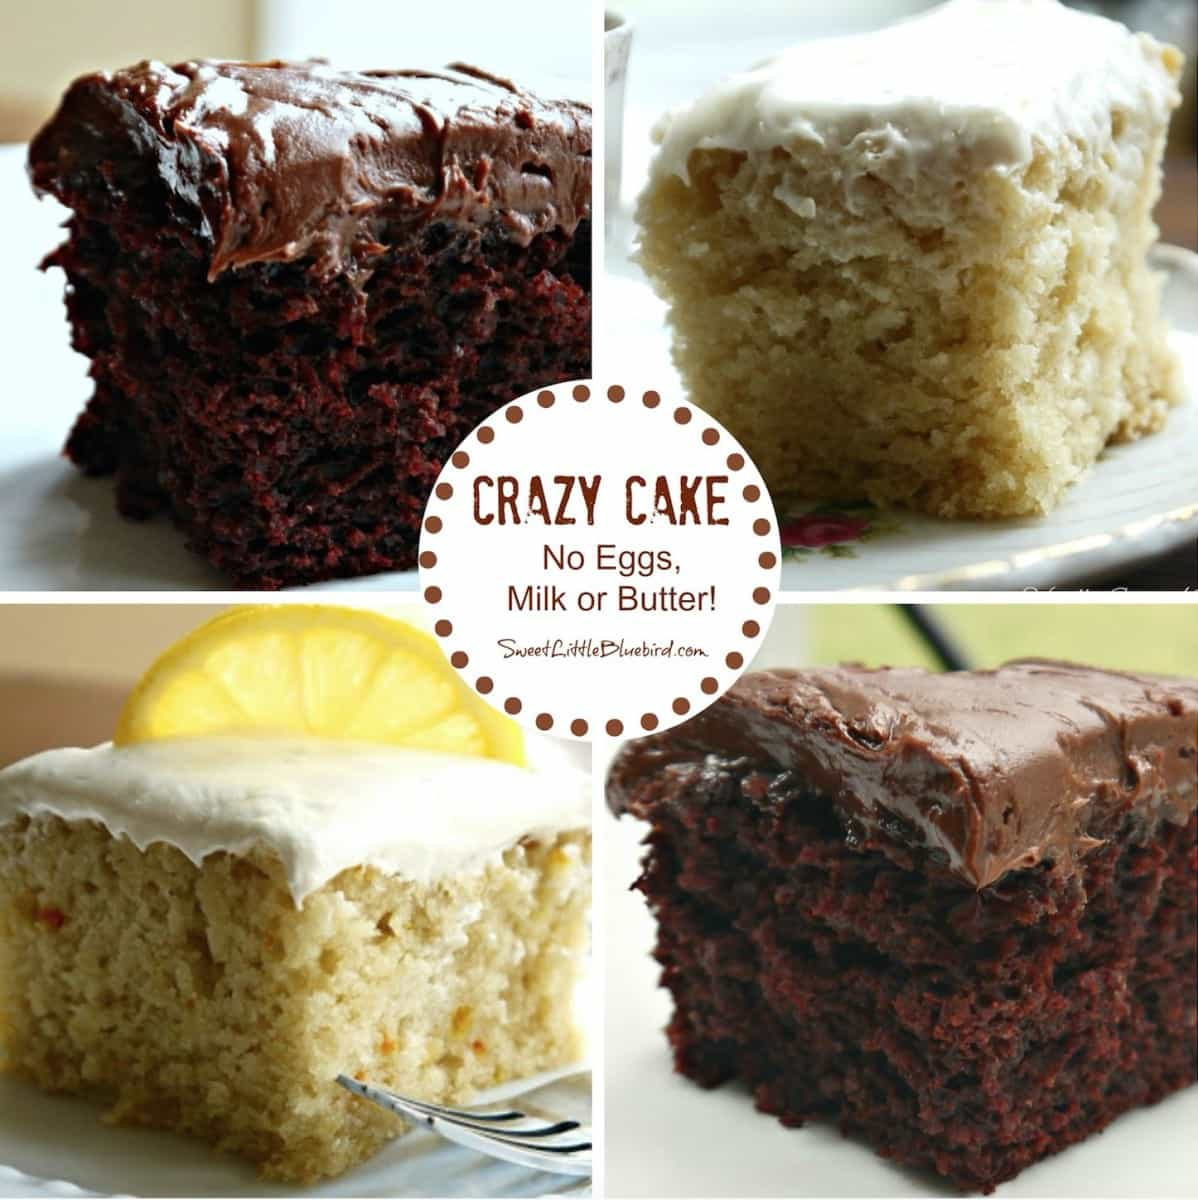 No Egg Desserts  Crazy Cake has No Eggs Butter Milk